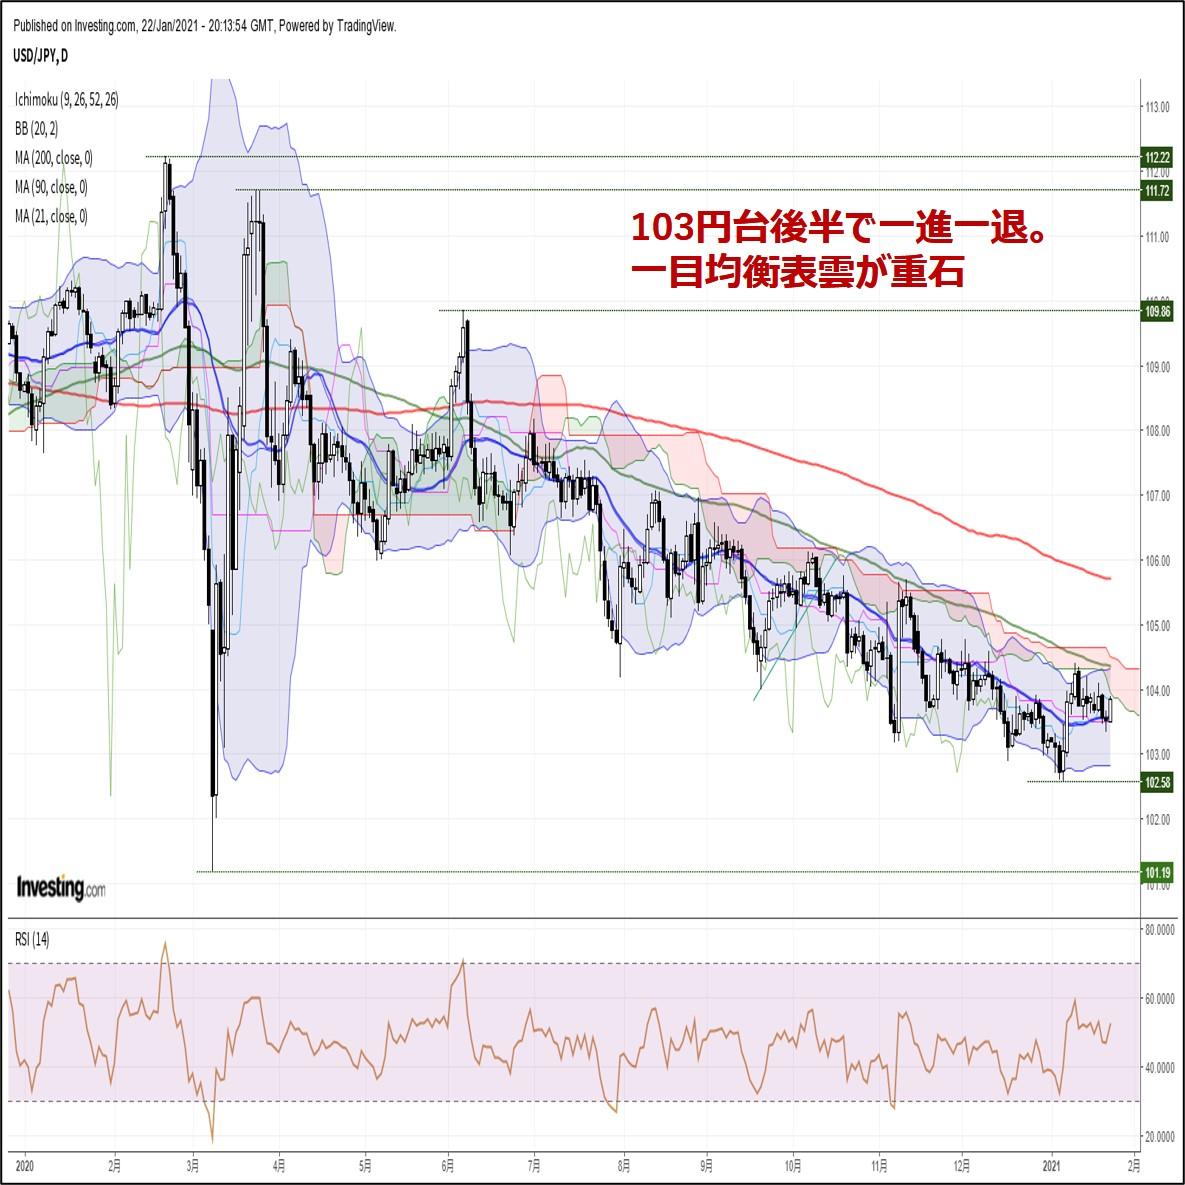 来週の為替相場見通し:『ドル売り再開に警戒。FOMCがメインイベント』(1/23朝)